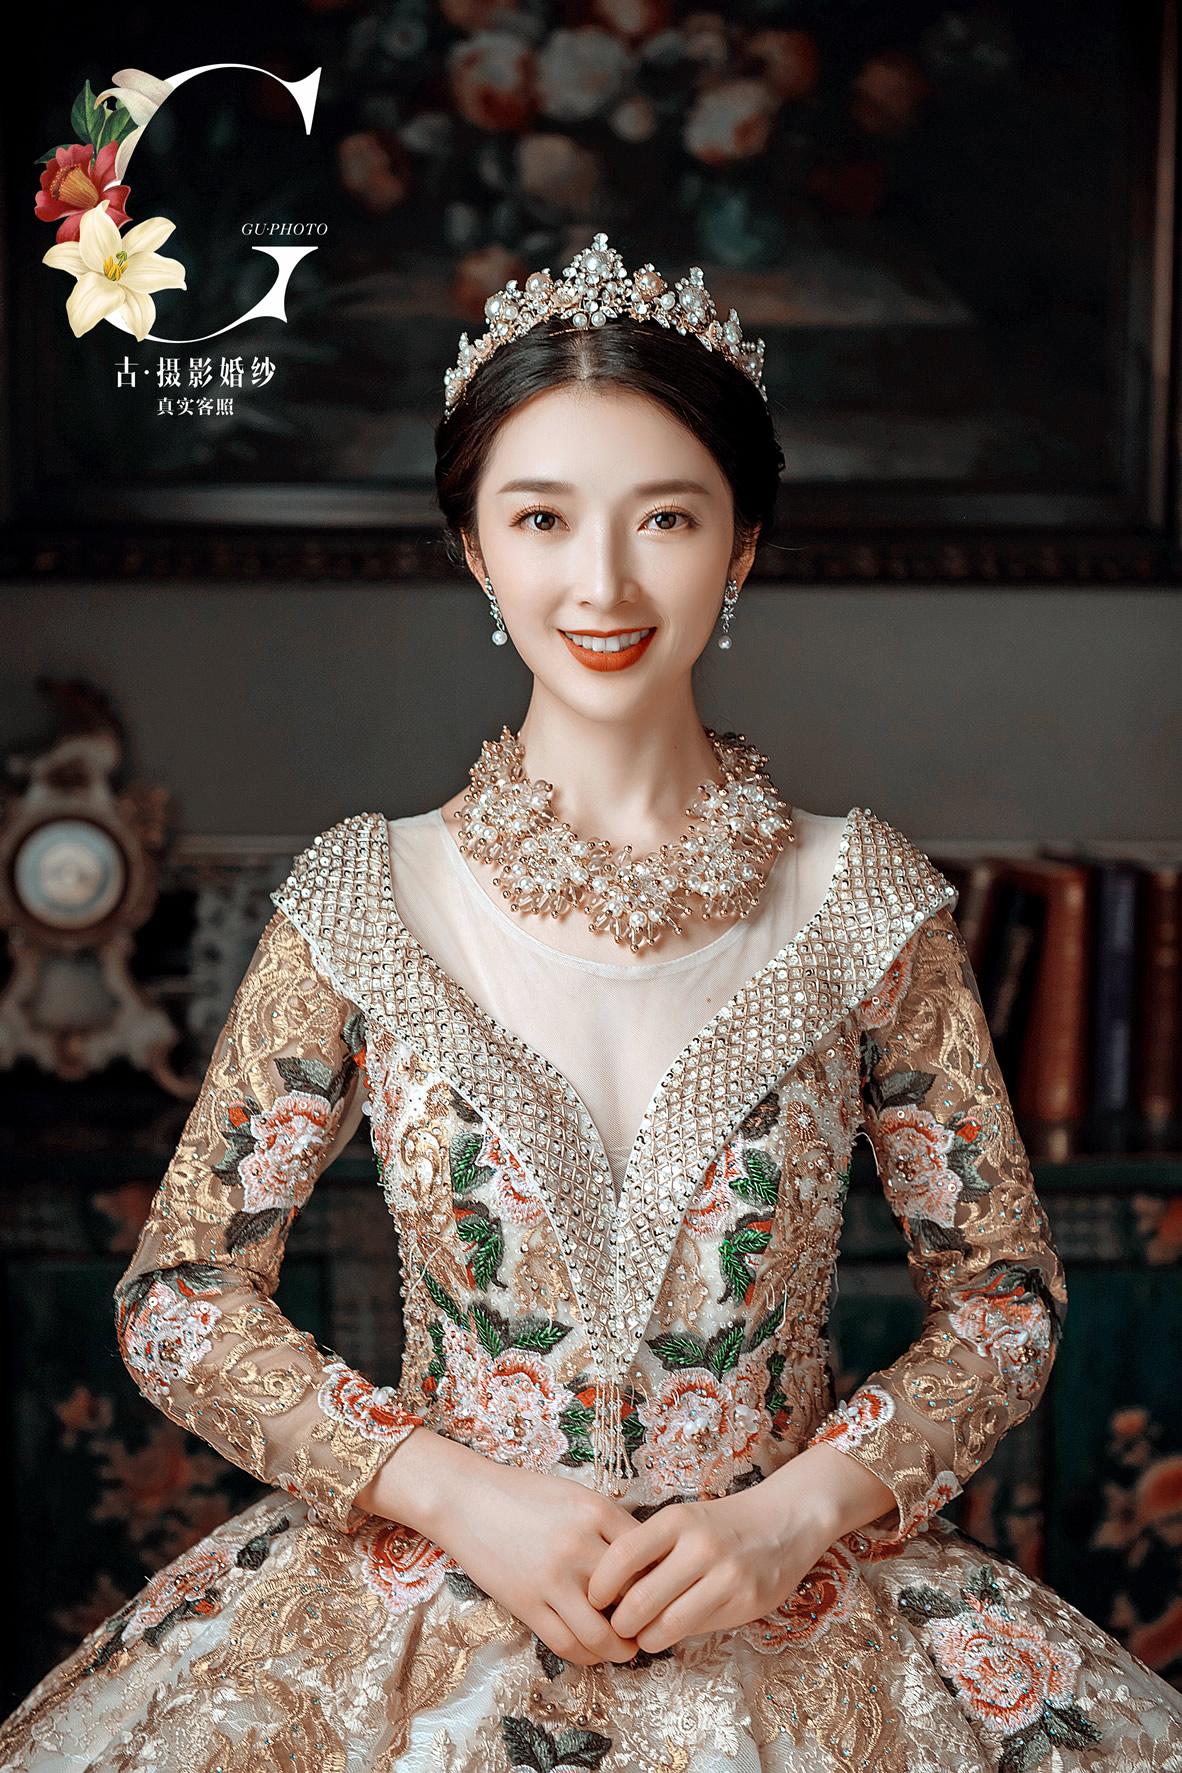 4月14日客片伍先生 高小姐 - 每日客照 - 古摄影婚纱艺术-古摄影成都婚纱摄影艺术摄影网